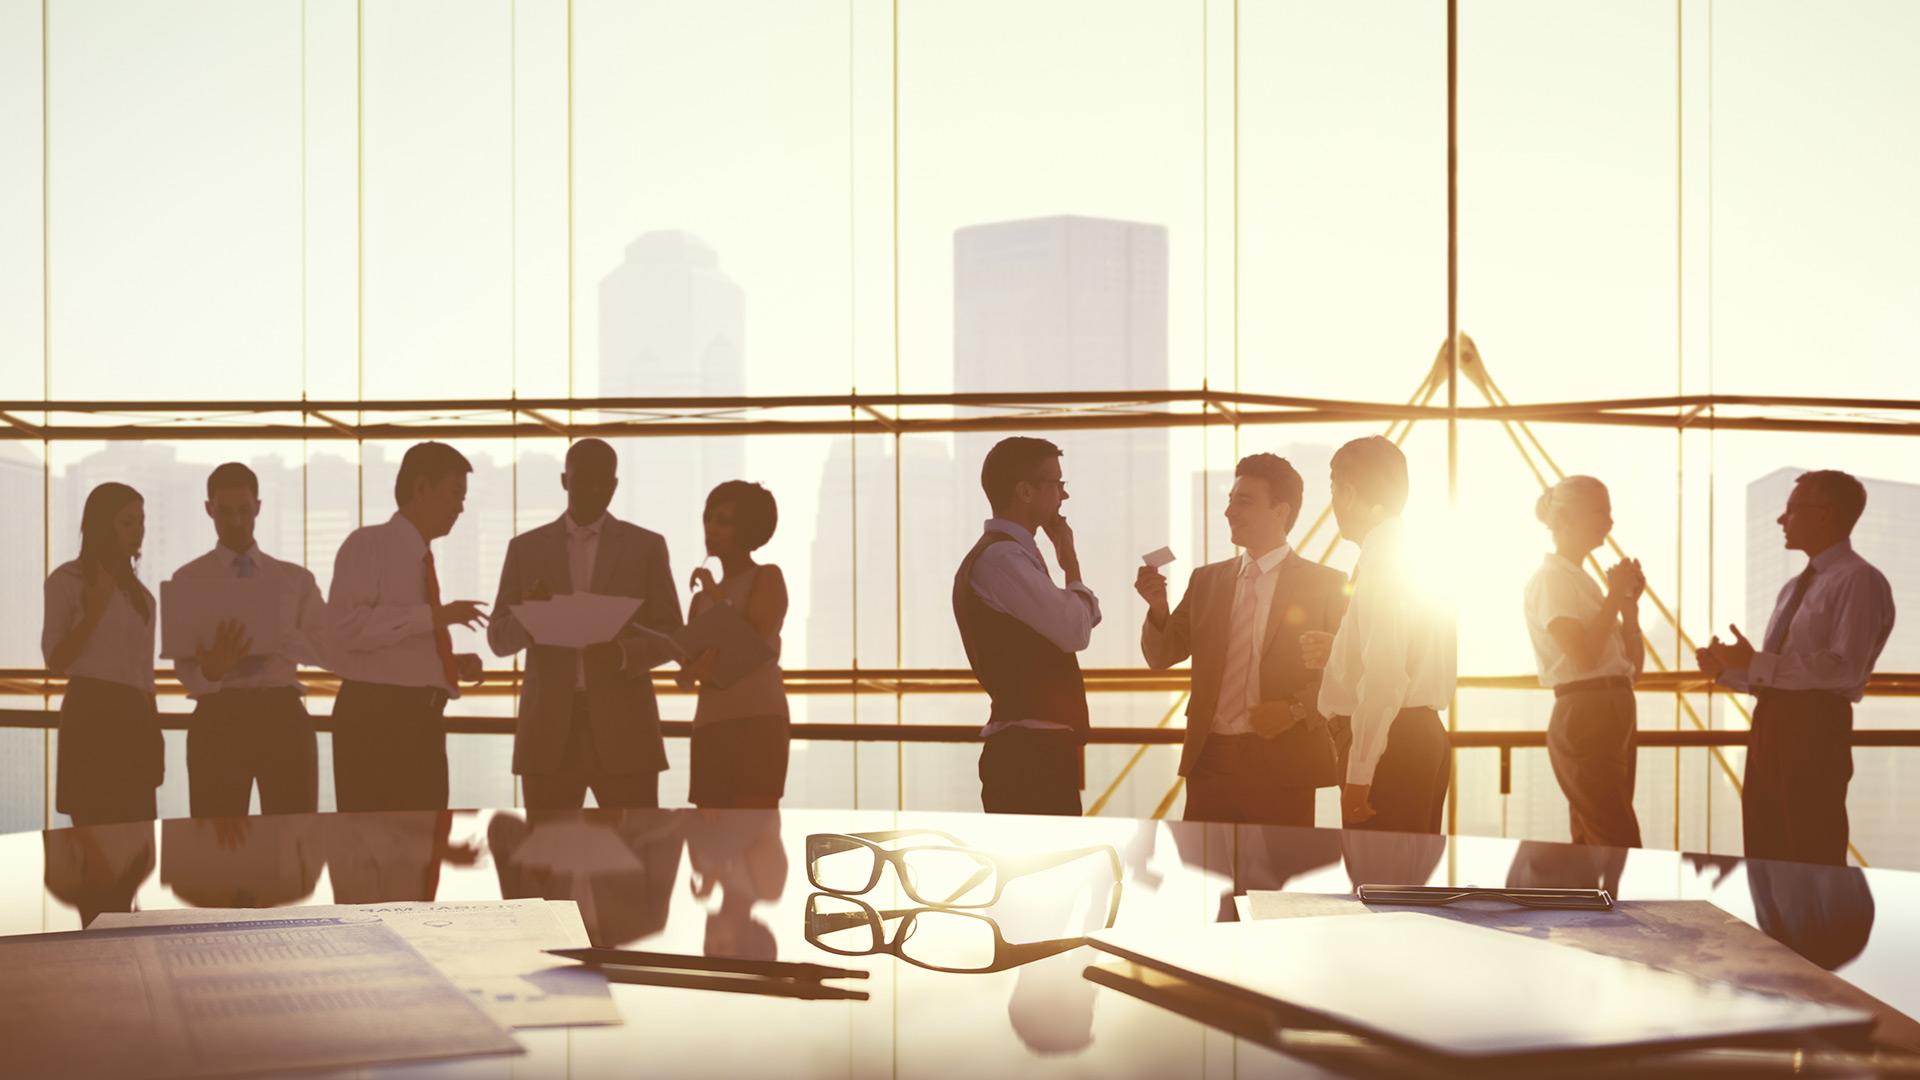 Gens qui discutent debout autour d'une table de conseil d'administration, coucher de soleil en arrière-plan